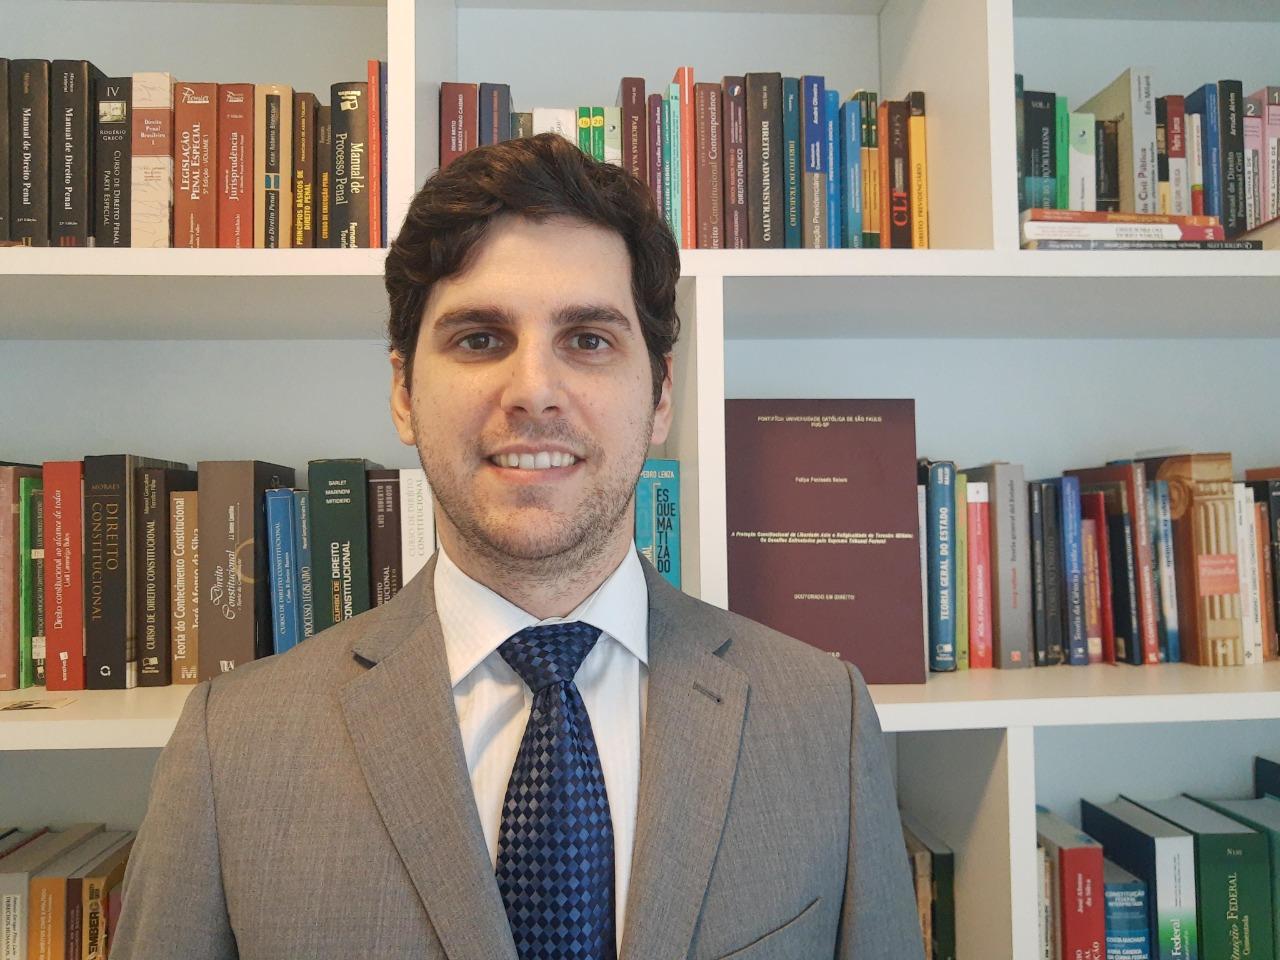 Felipe Balera